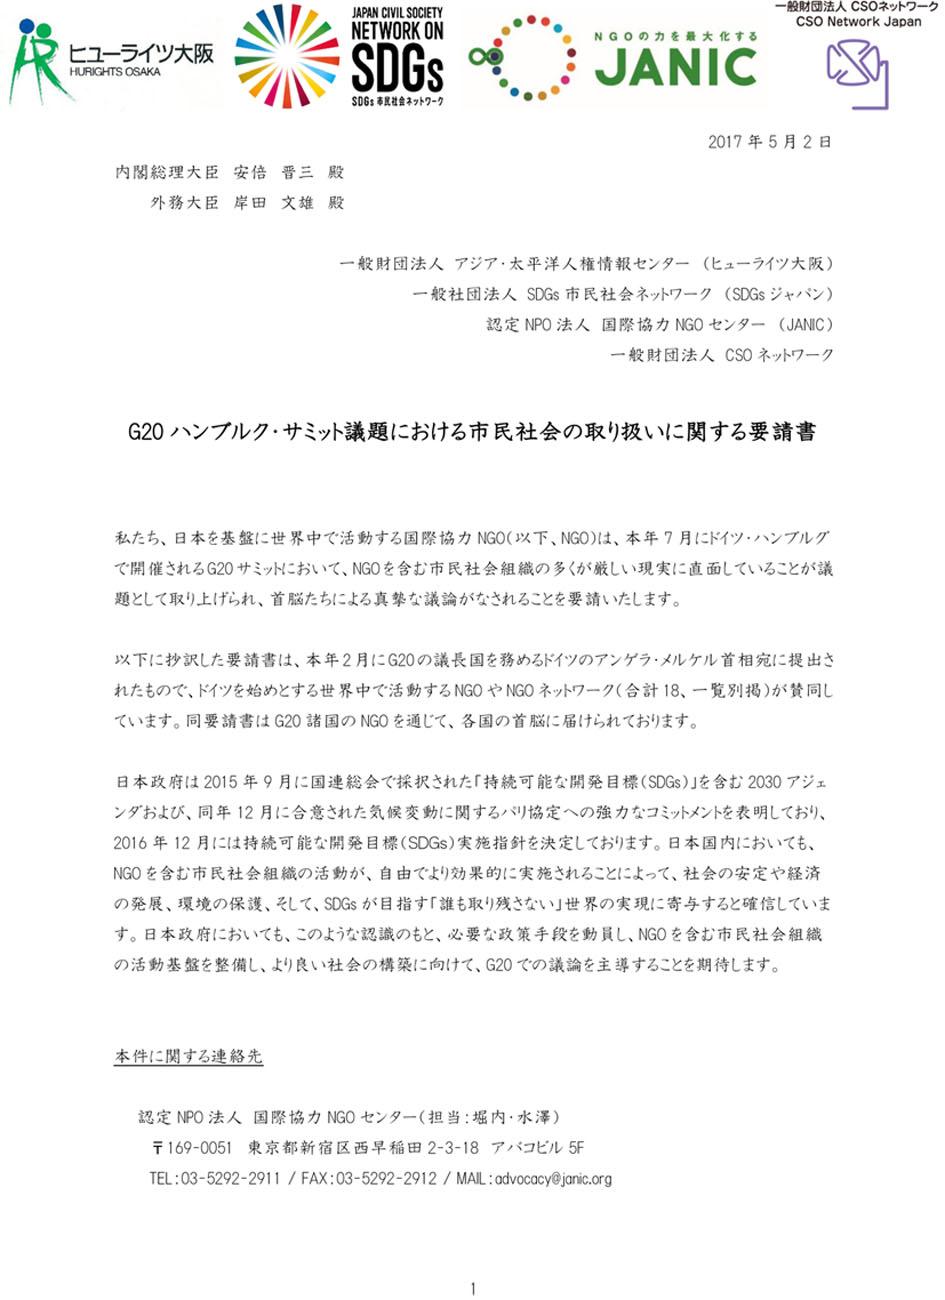 【プレスリリース】G20ハンブルク・サミット議題における市民社会の取り扱いに関する要請書